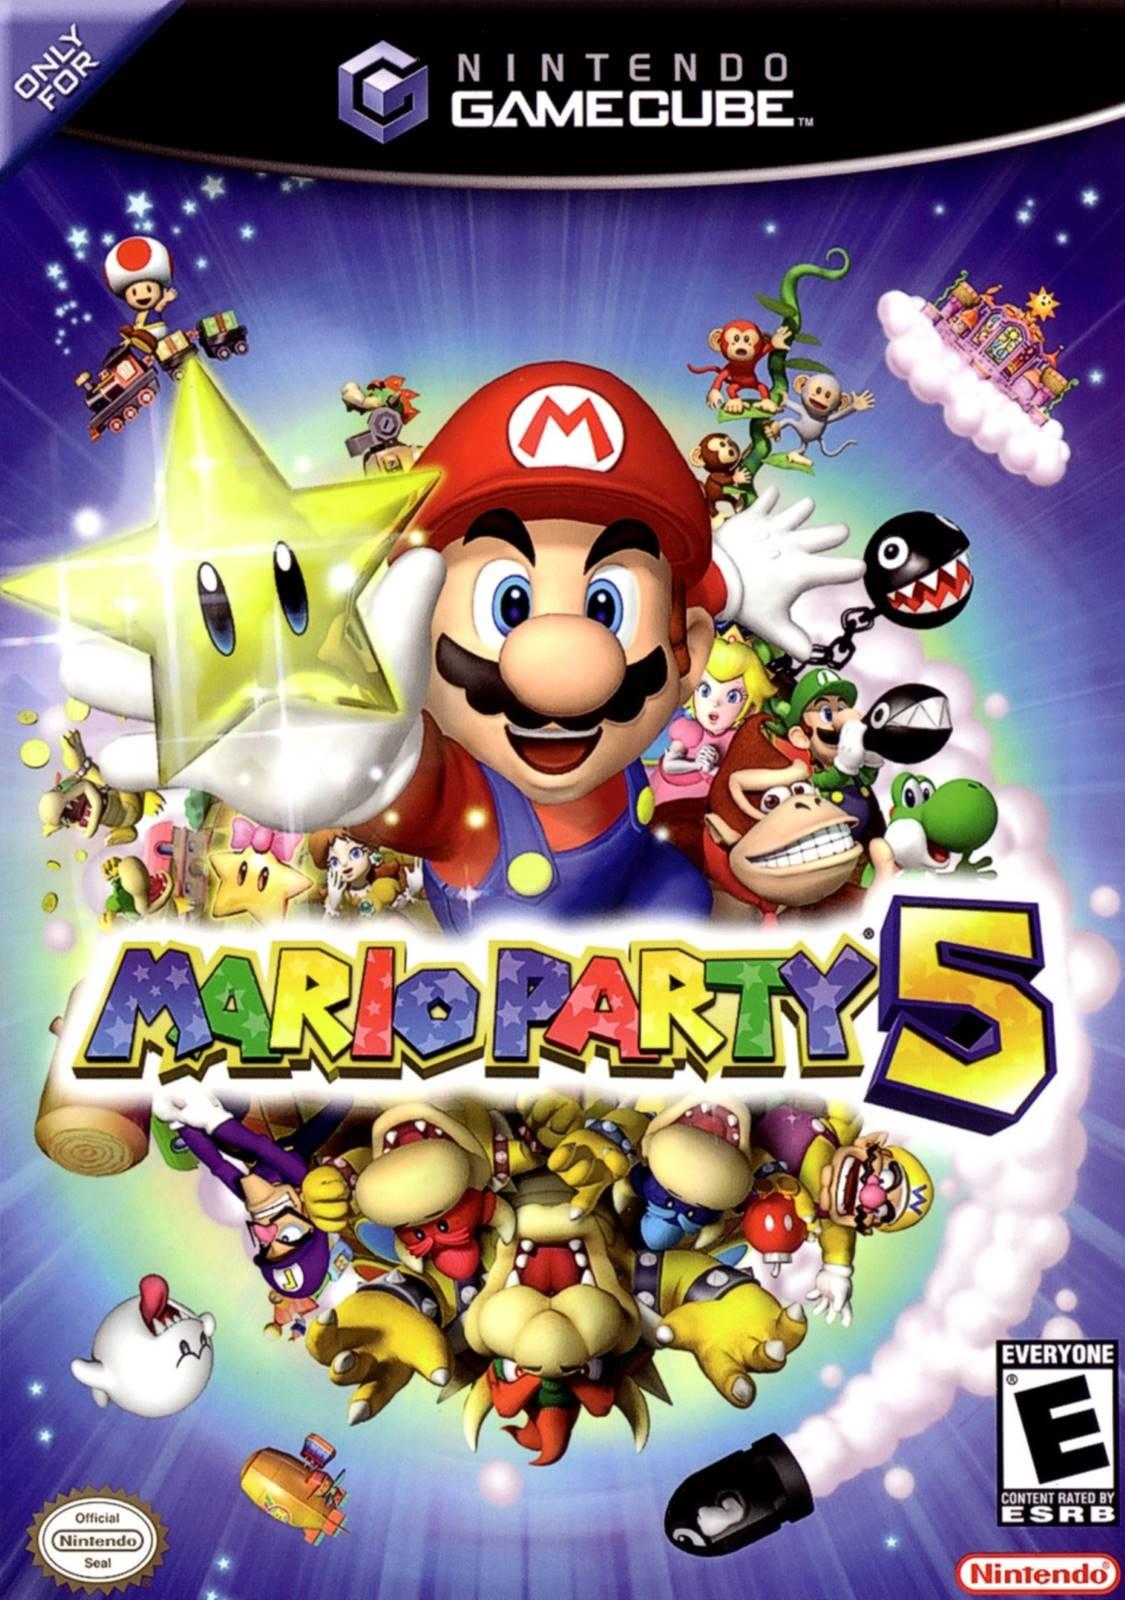 Mario Party 5 Gamecube Game